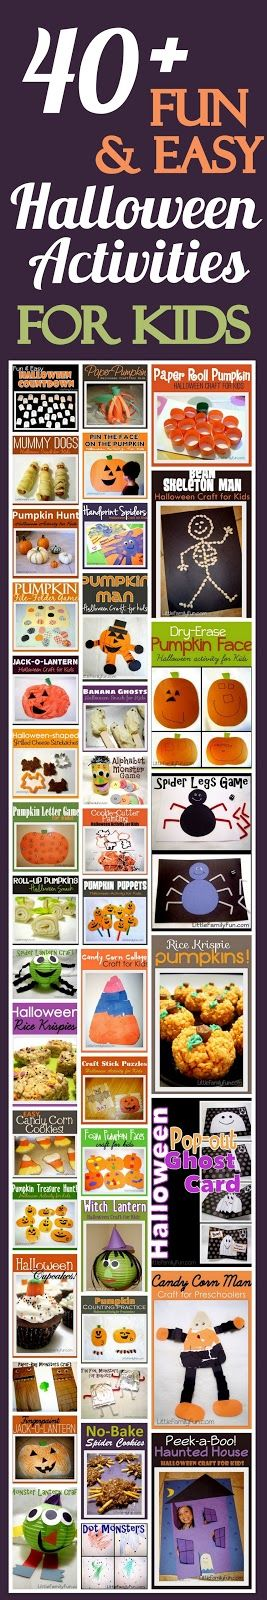 40+ Halloween Activities for Kids